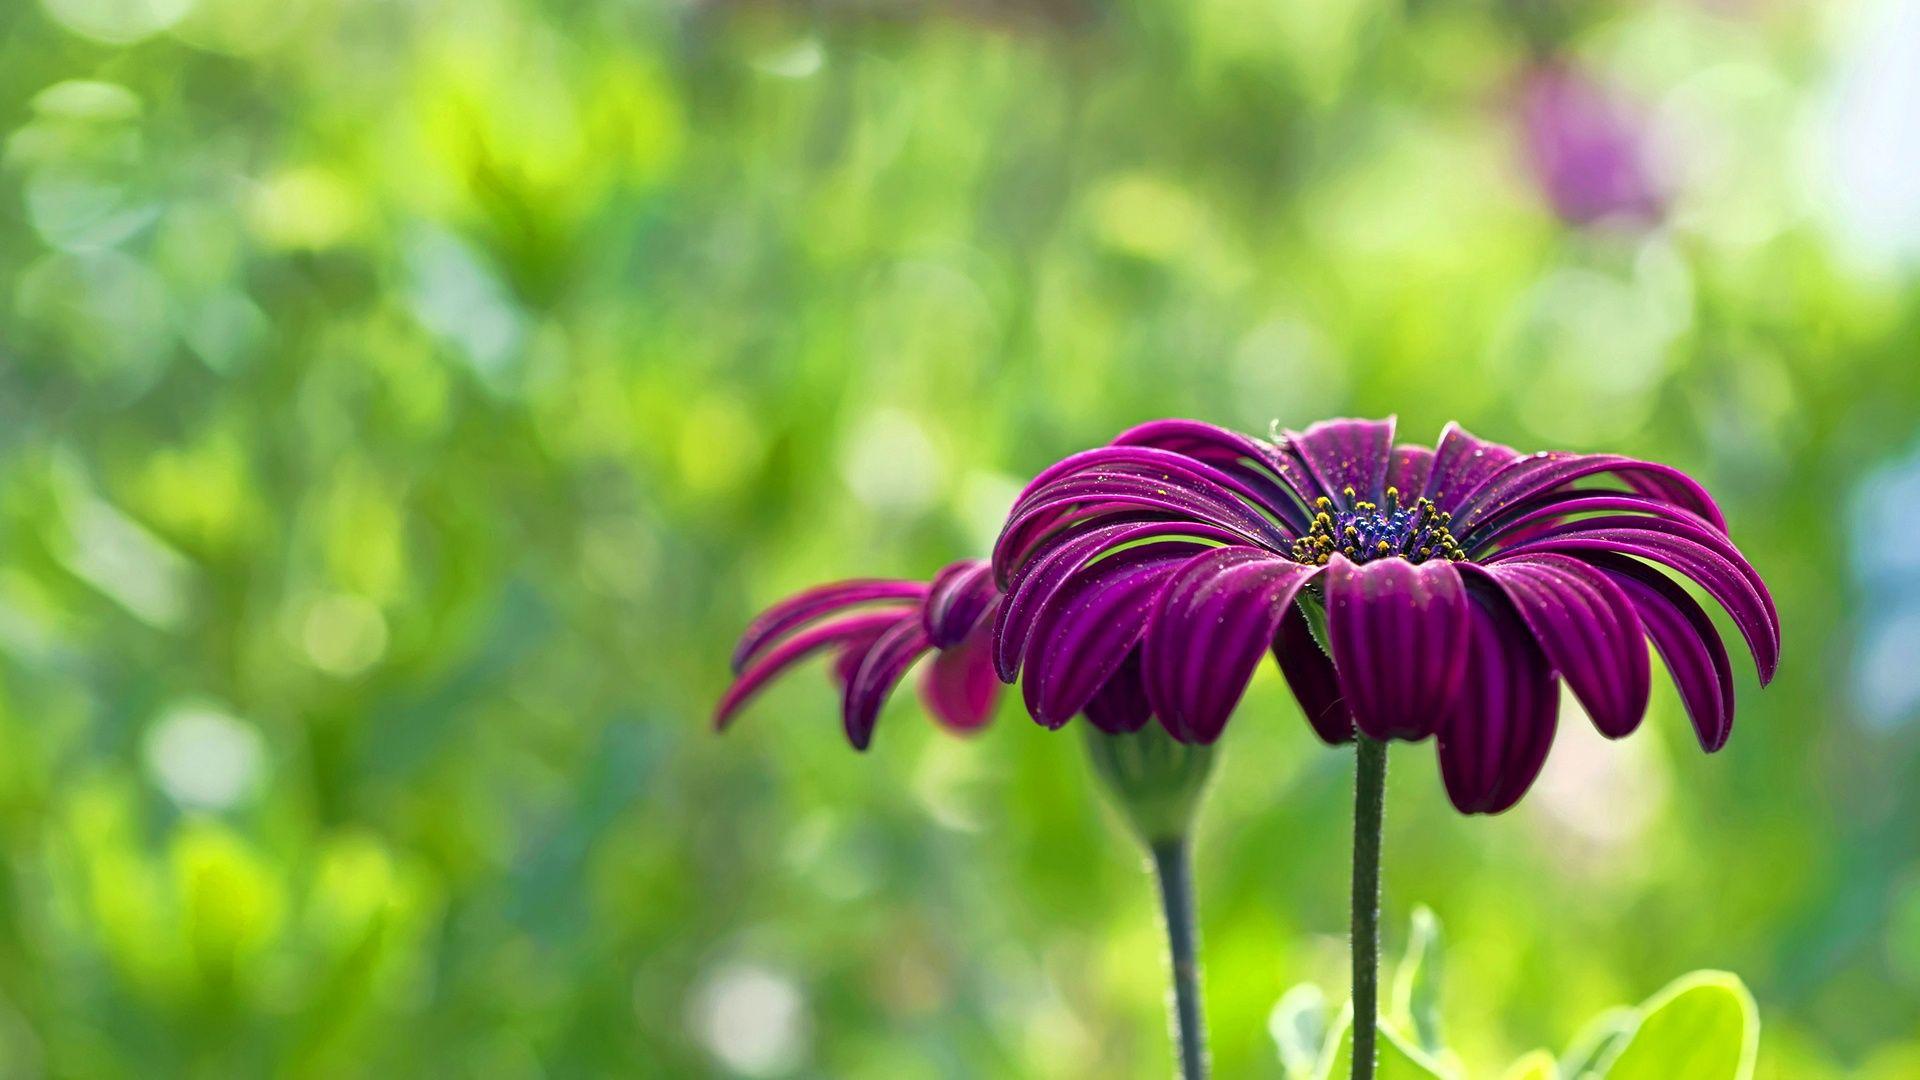 Summer Flower HD